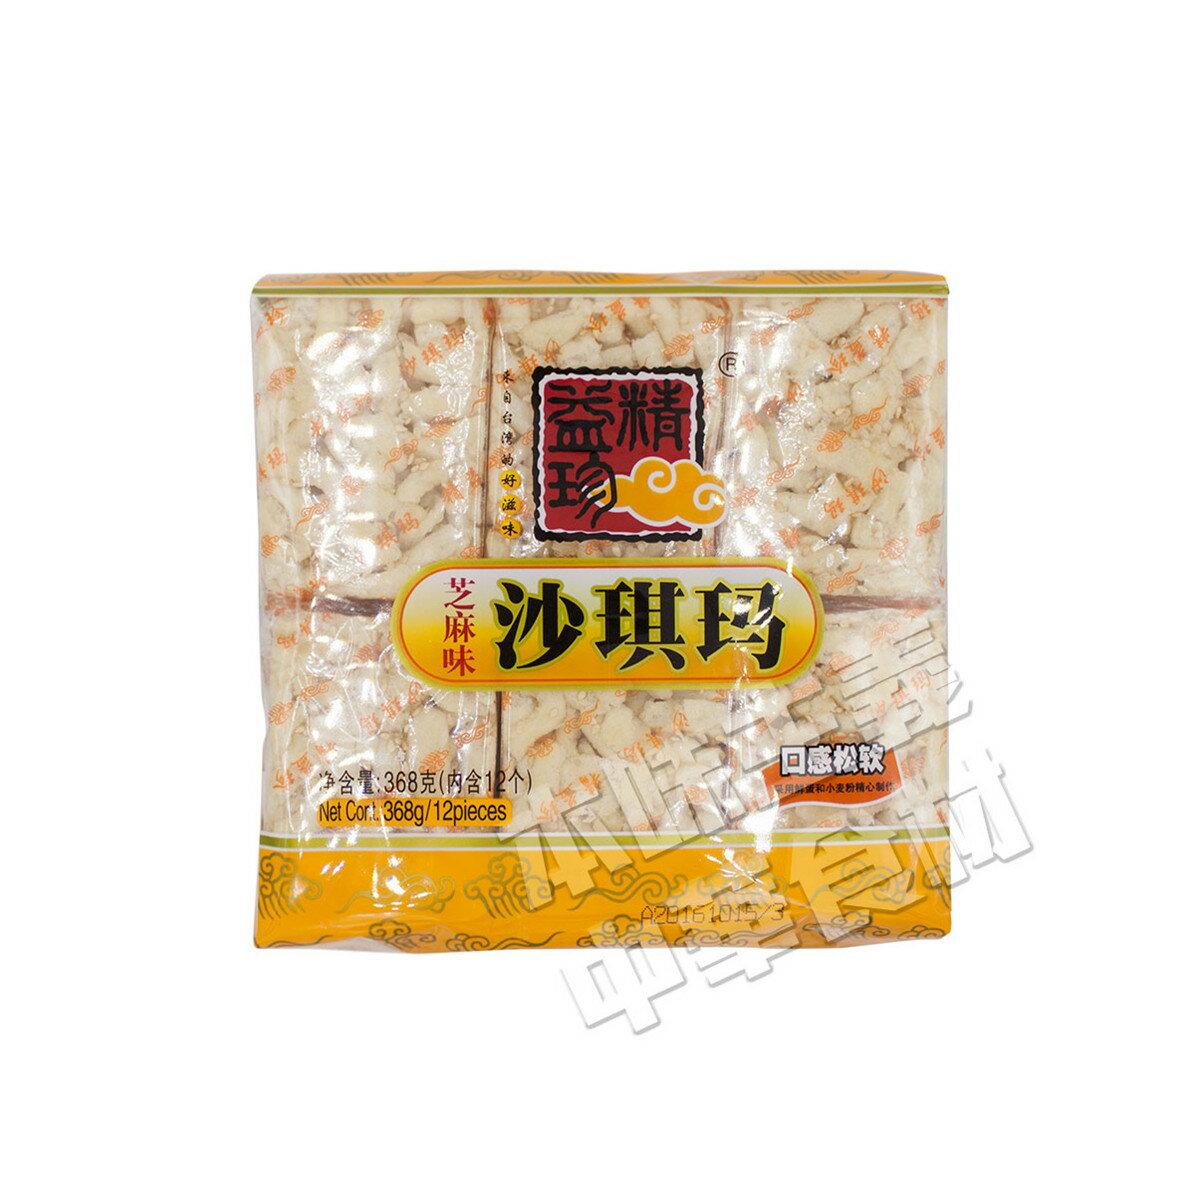 中華菓子, その他 368g